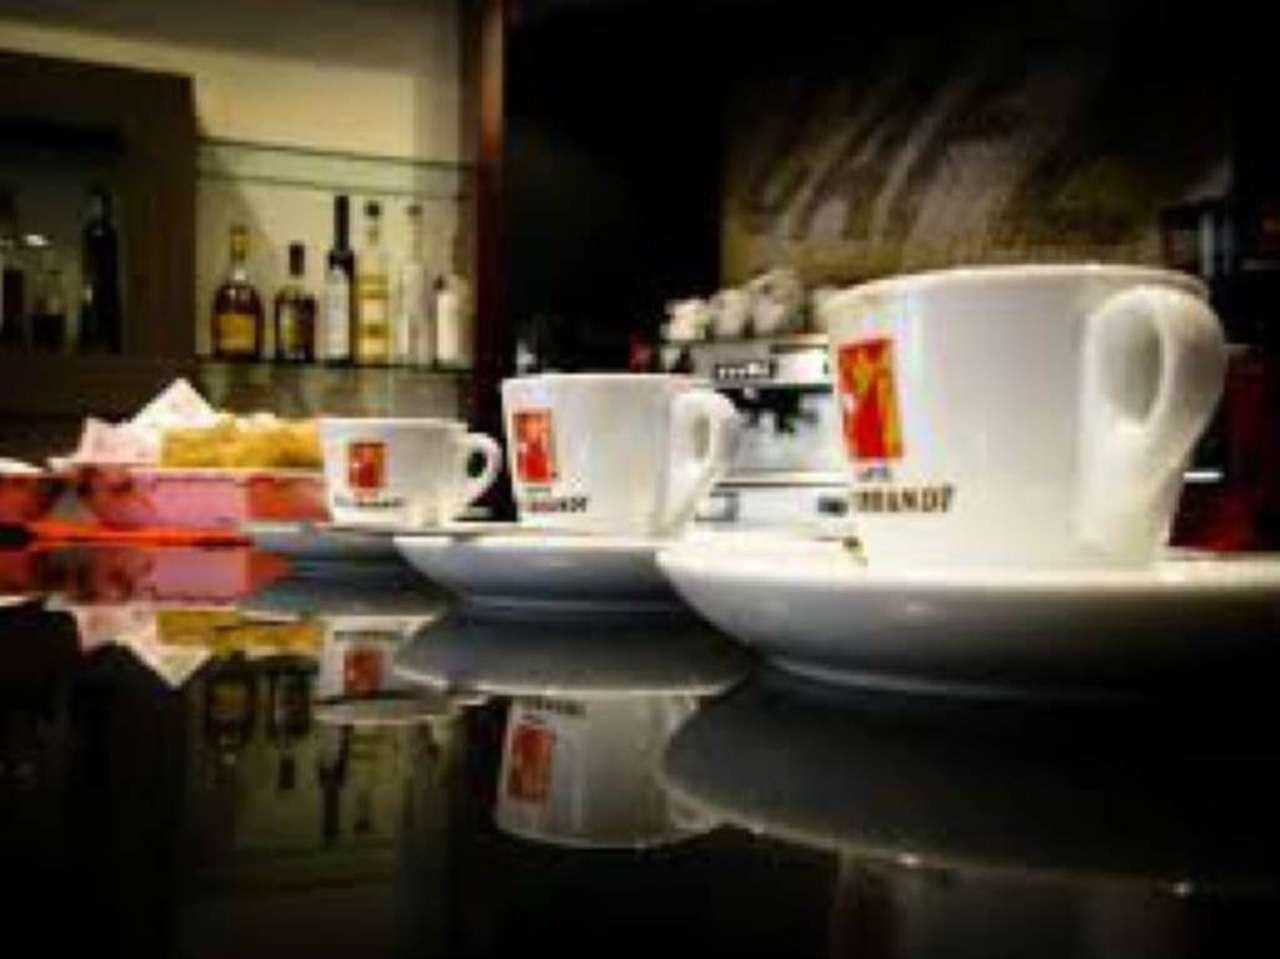 Tabacchi / Ricevitoria in vendita a Spinea, 3 locali, prezzo € 100.000 | Cambio Casa.it